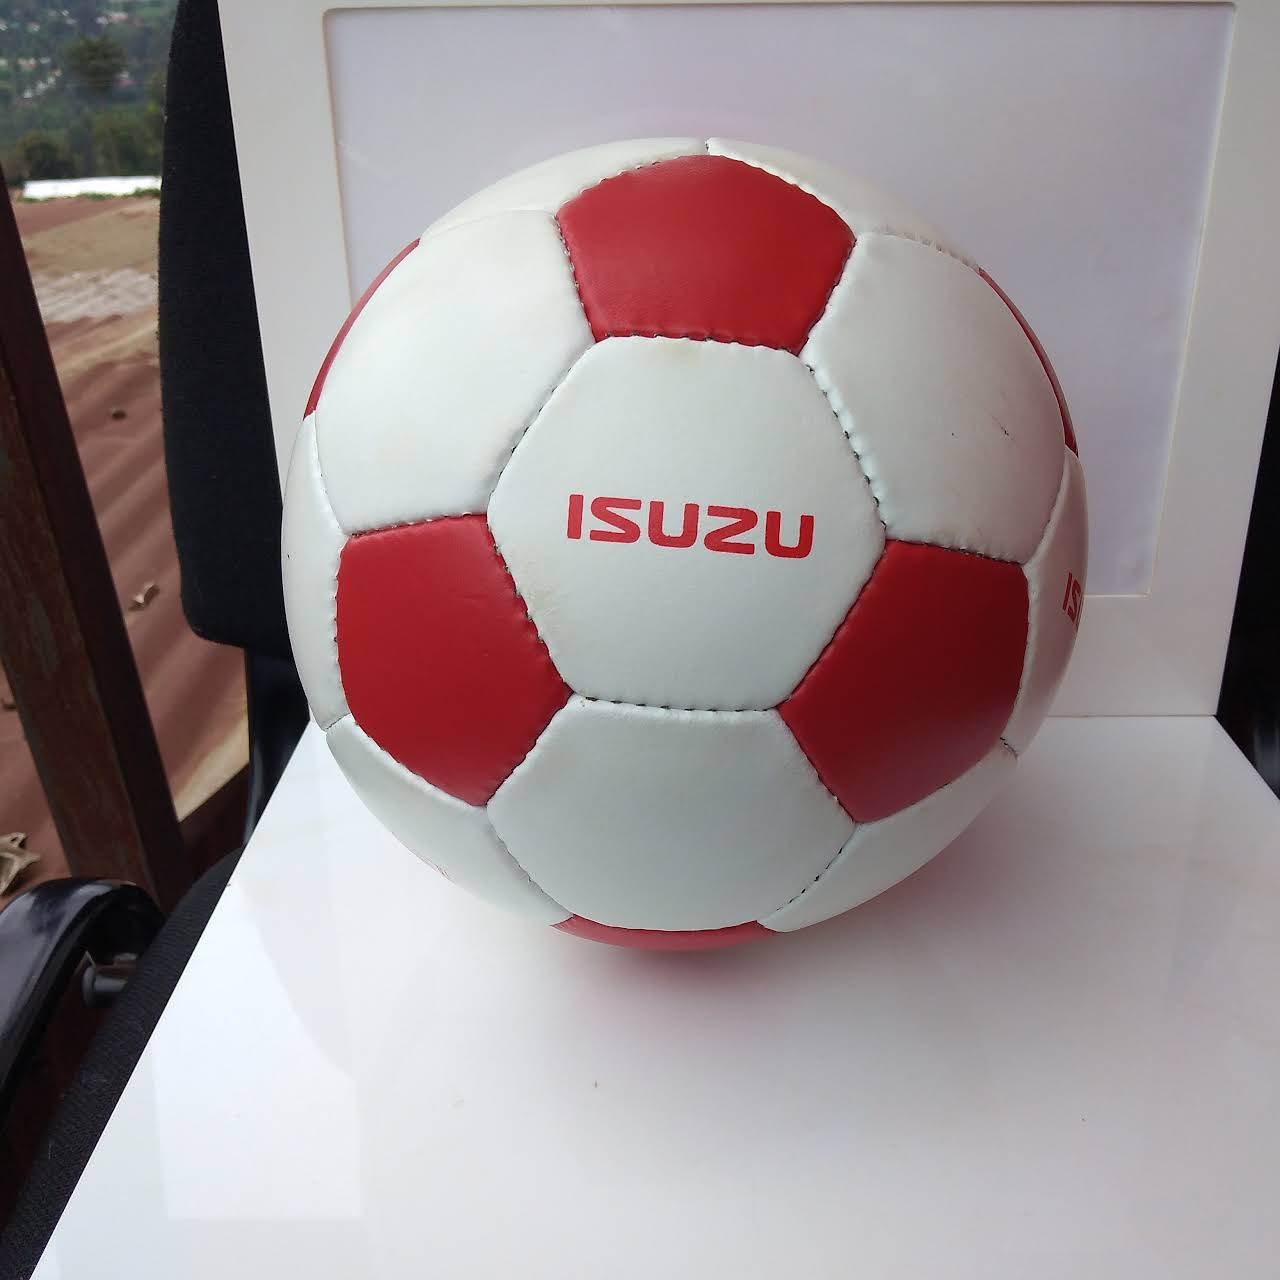 Isuzu Mashinani Kikuyu - Isuzu E A  Appointed Dealer In